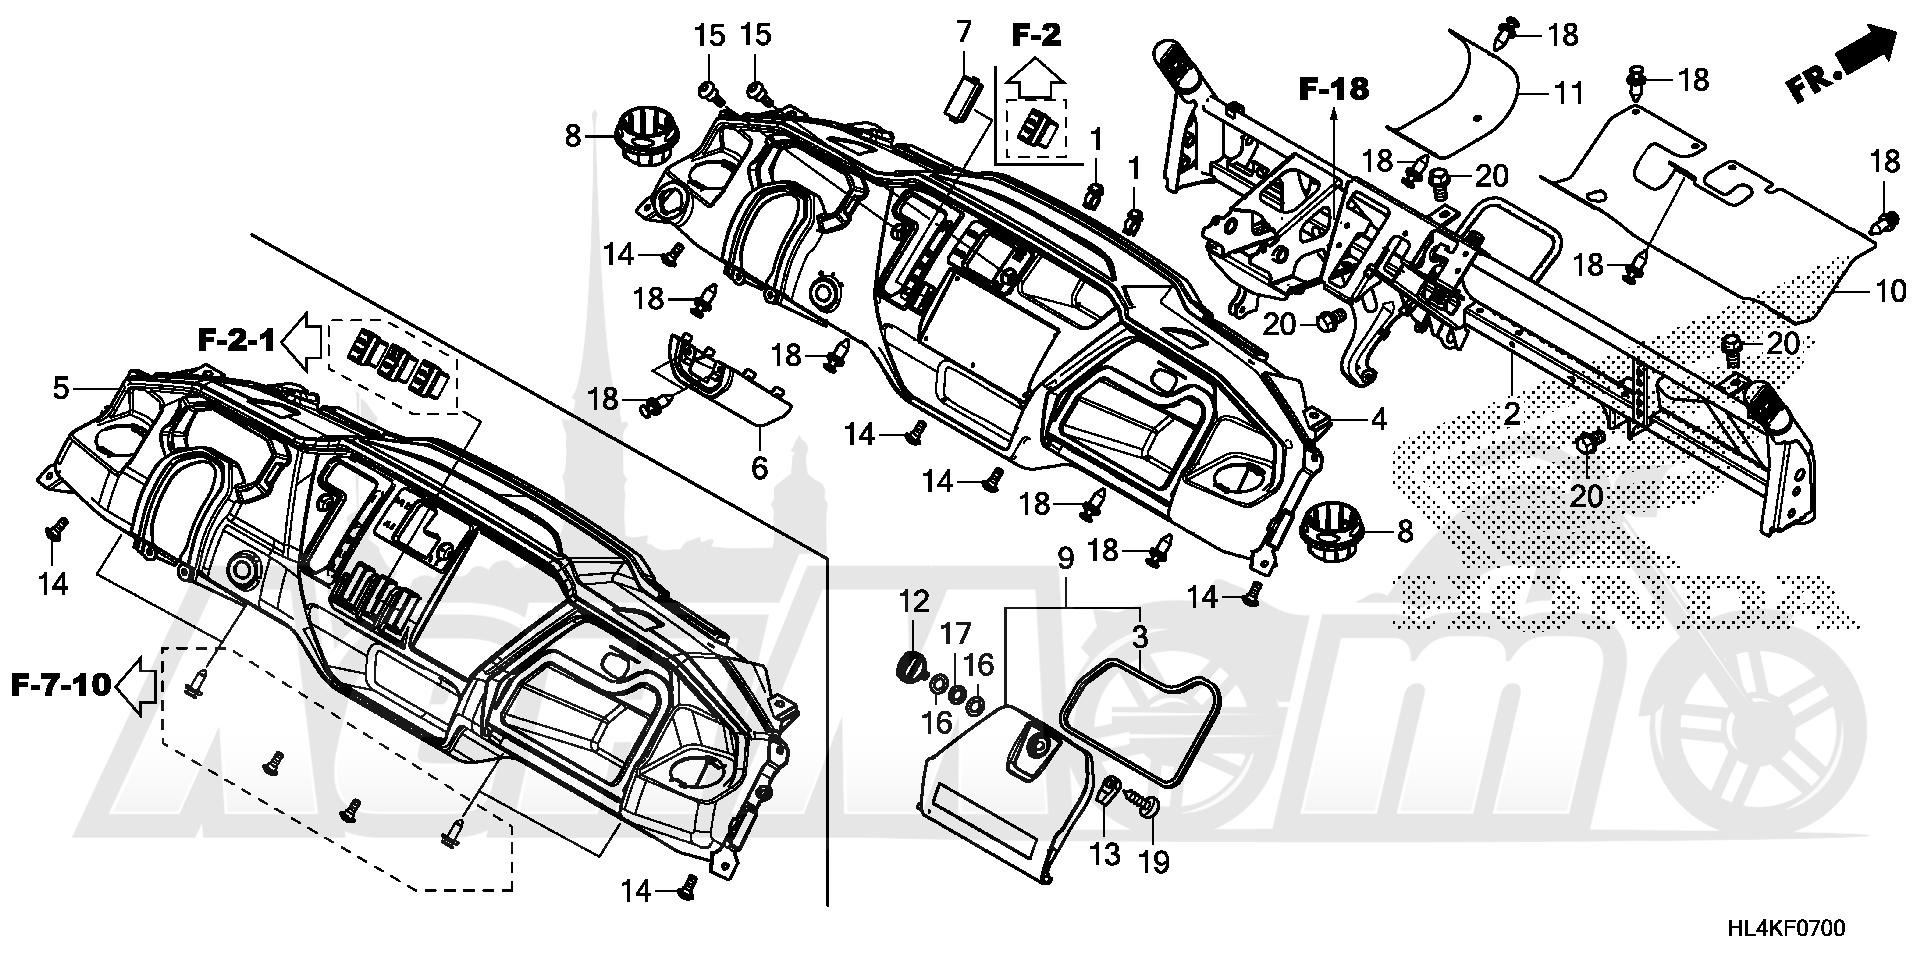 Запчасти для Квадроцикла Honda 2019 SXS1000M3L Раздел: INSTRUMENT PANEL | приборная панель